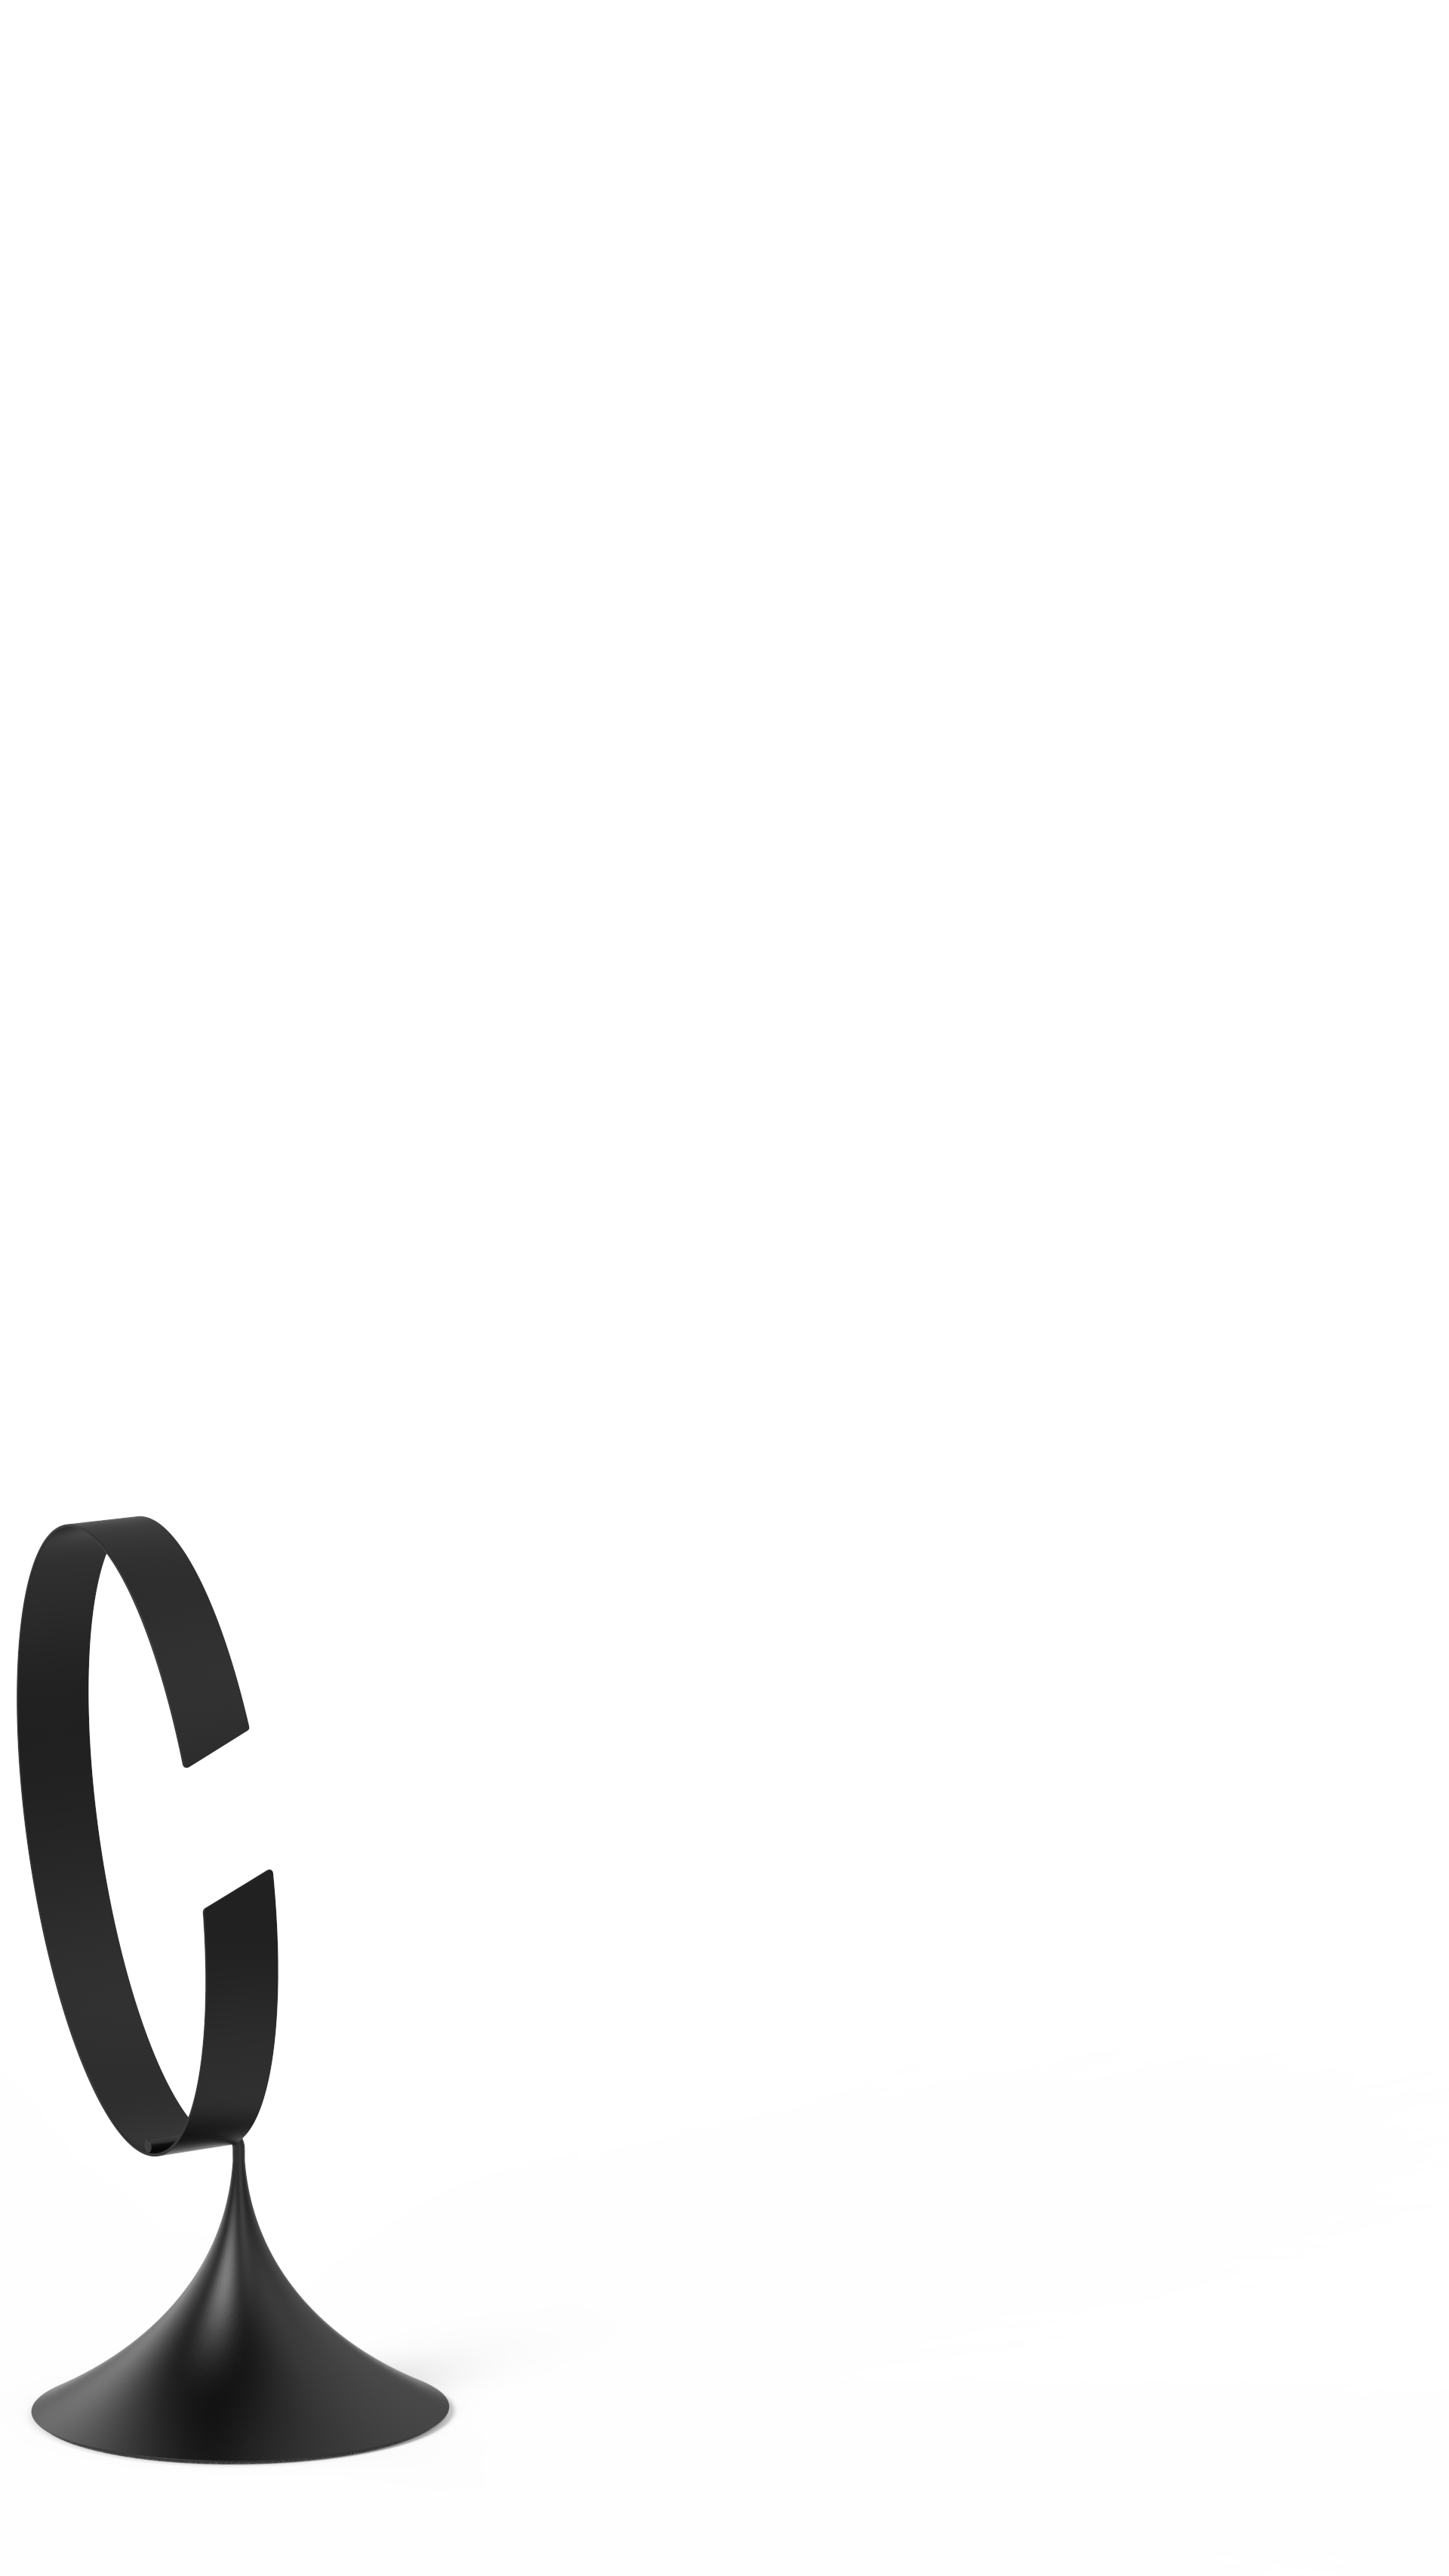 AUSPCEIb Présentoir pour ceinture SAINT-HONORÉ PARIS